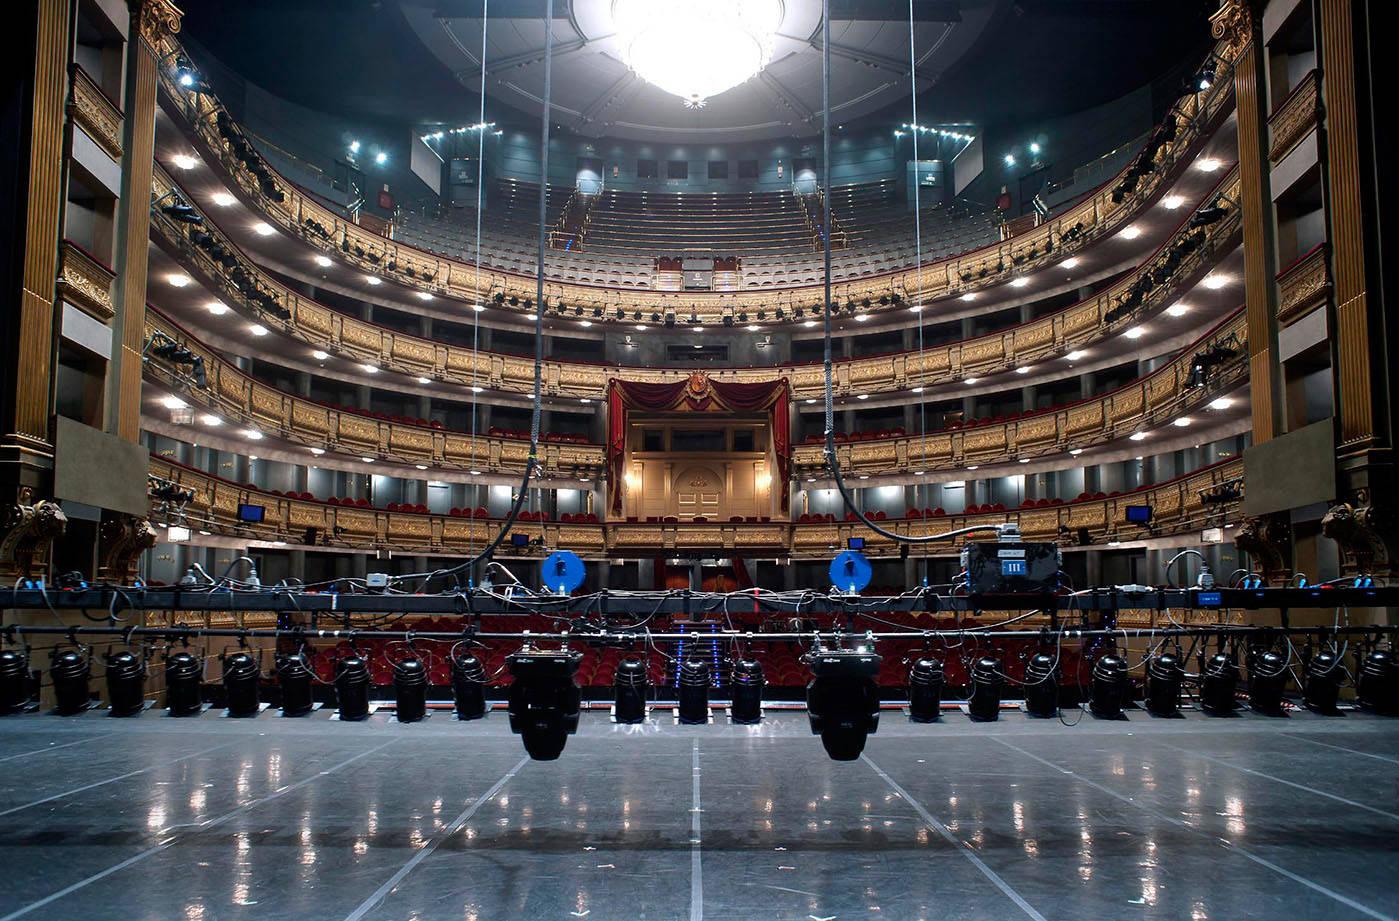 Teatro Real y El Liceu acceso GRATUITO a todo su contenido